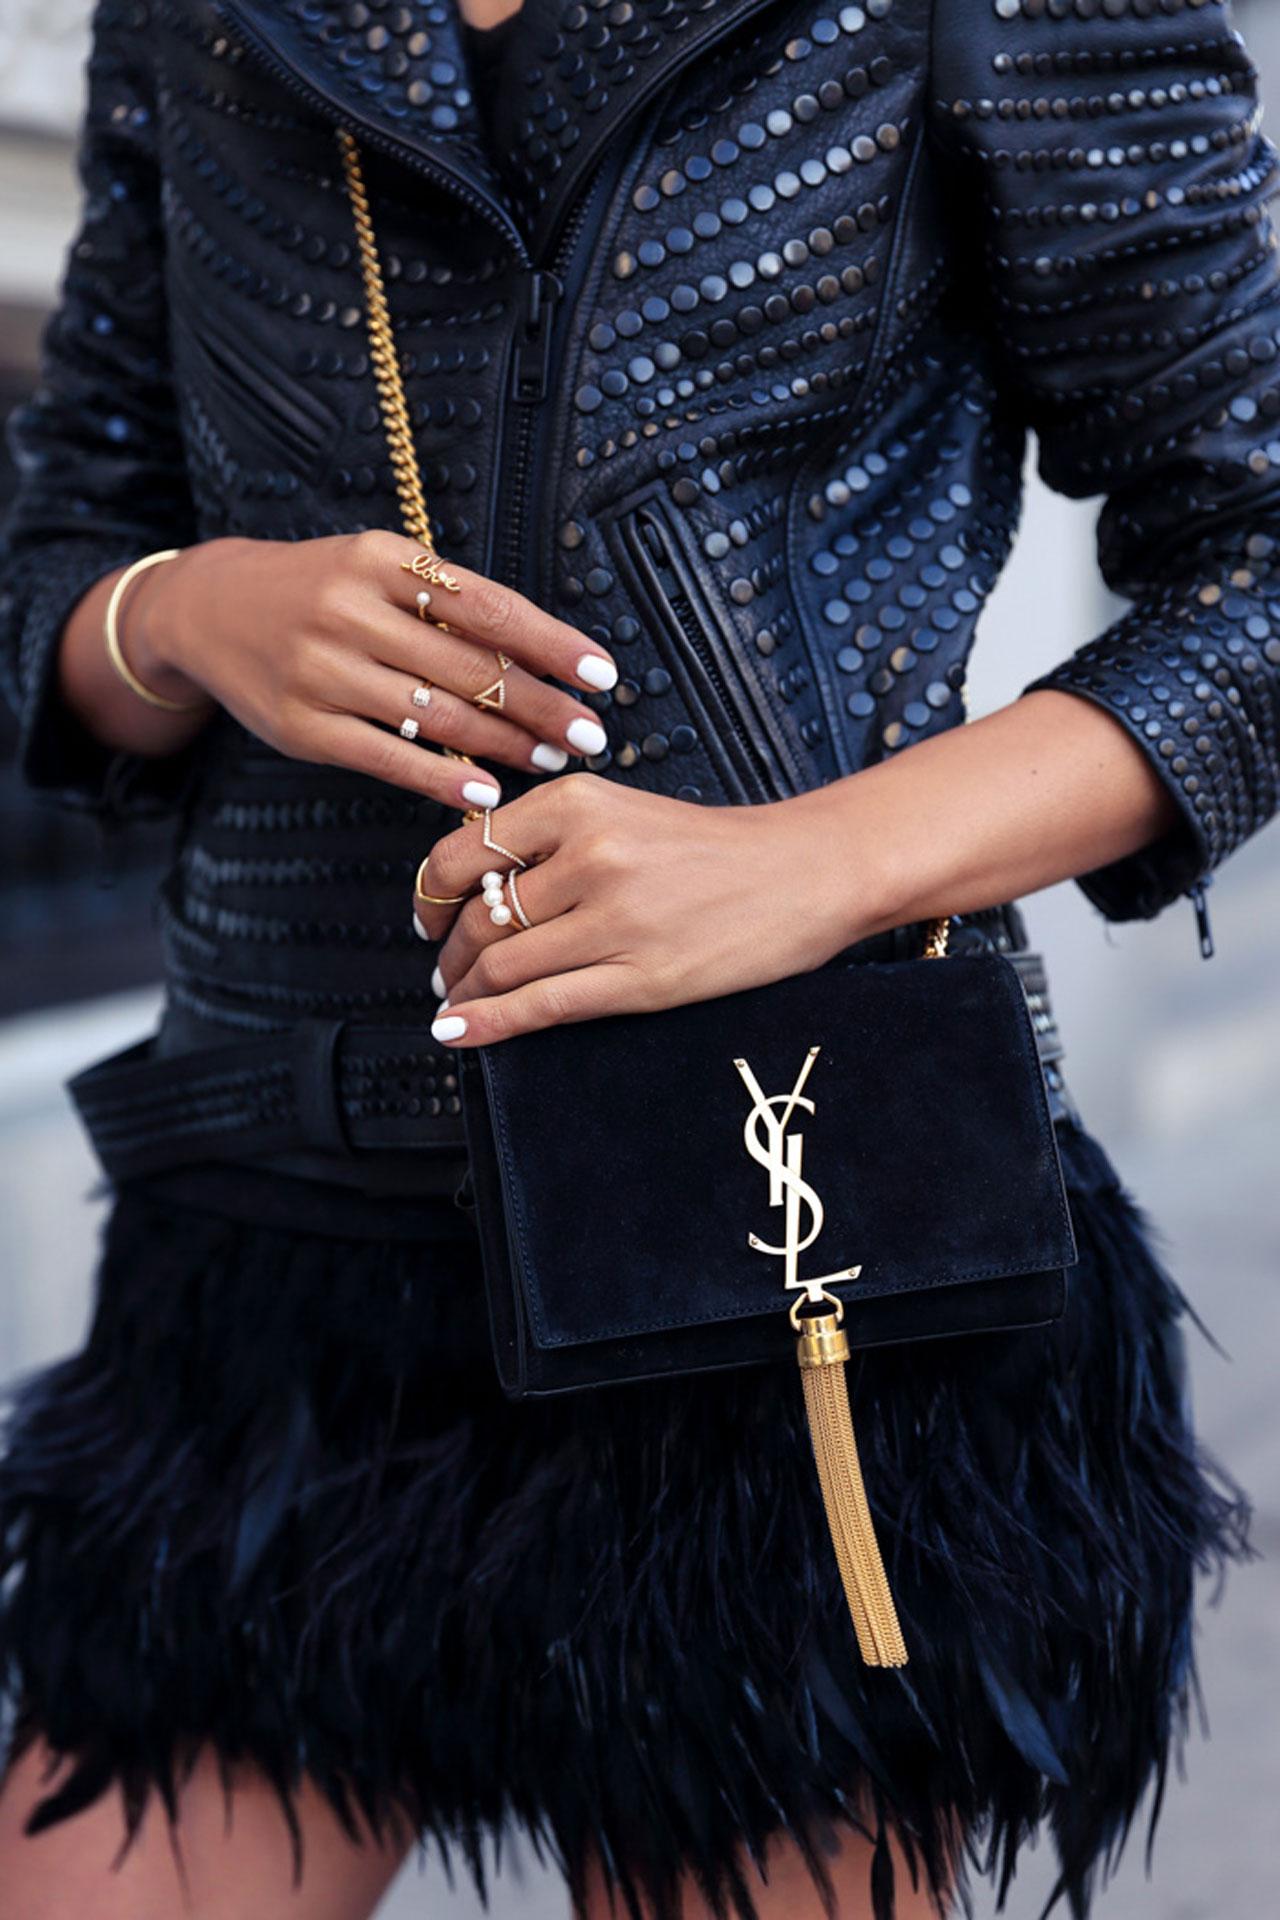 xSaint_Laurent_Monogram_small_velvet_chain_bag_with_tassel